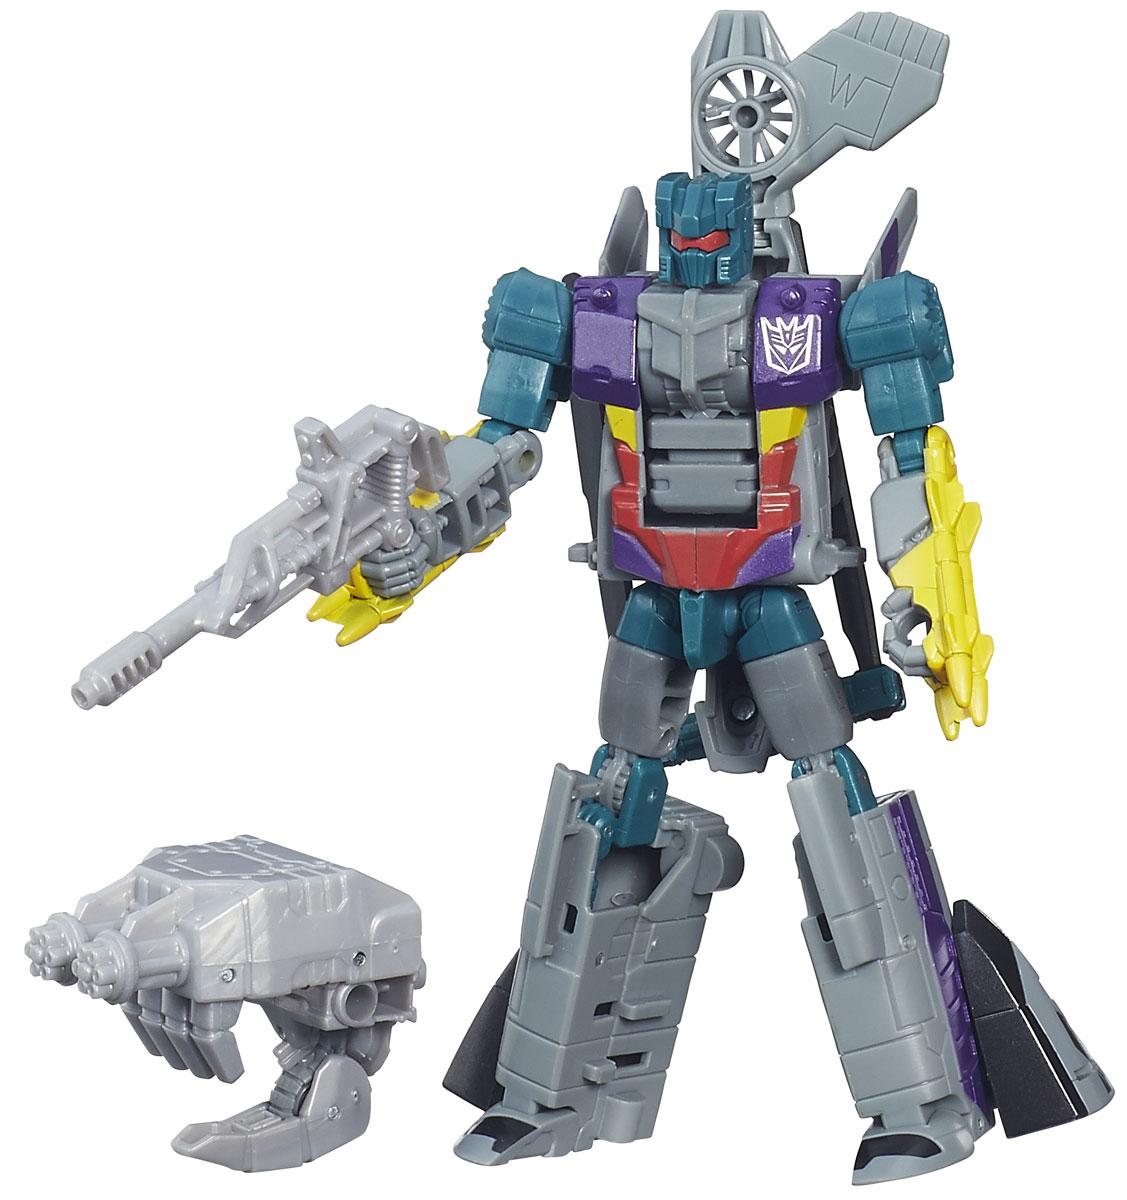 Transformers Трансформер VortexB0974_B4659Трансформер Vortex привлечет внимание любого поклонника знаменитых Трансформеров! Фигурка выполнена из прочного пластика в виде трансформера-Вортекса. Руки и ноги робота подвижны. В несколько простых шагов малыш сможет трансформировать фигурку робота в боевой вертолет. Ребенок с удовольствием будет играть с фигуркой, придумывая разные истории. Порадуйте его таким замечательным подарком!